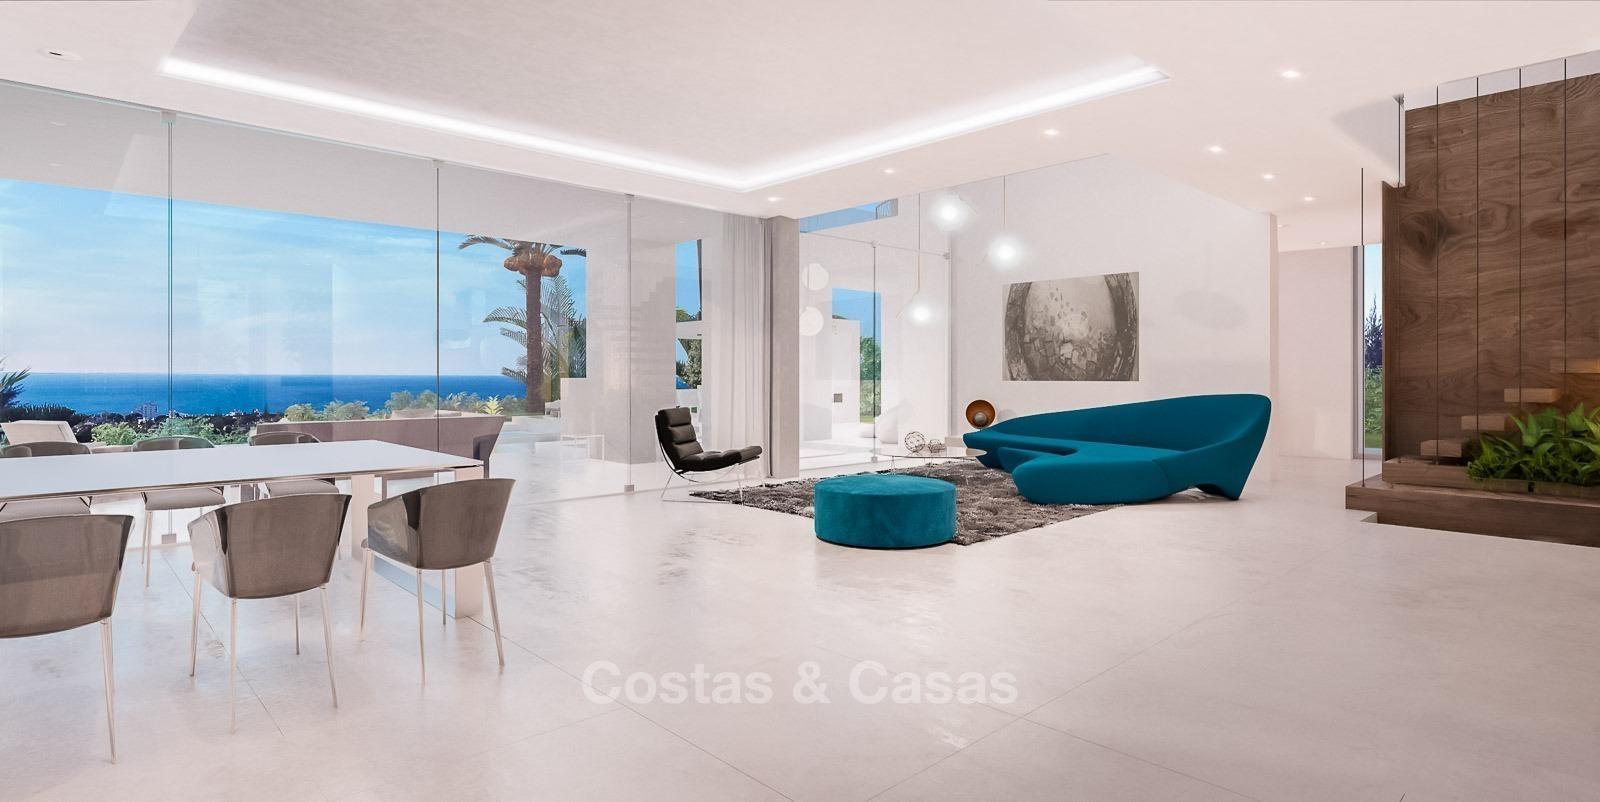 Moderne eigentijdse designer villa s te koop in mijas costa del sol